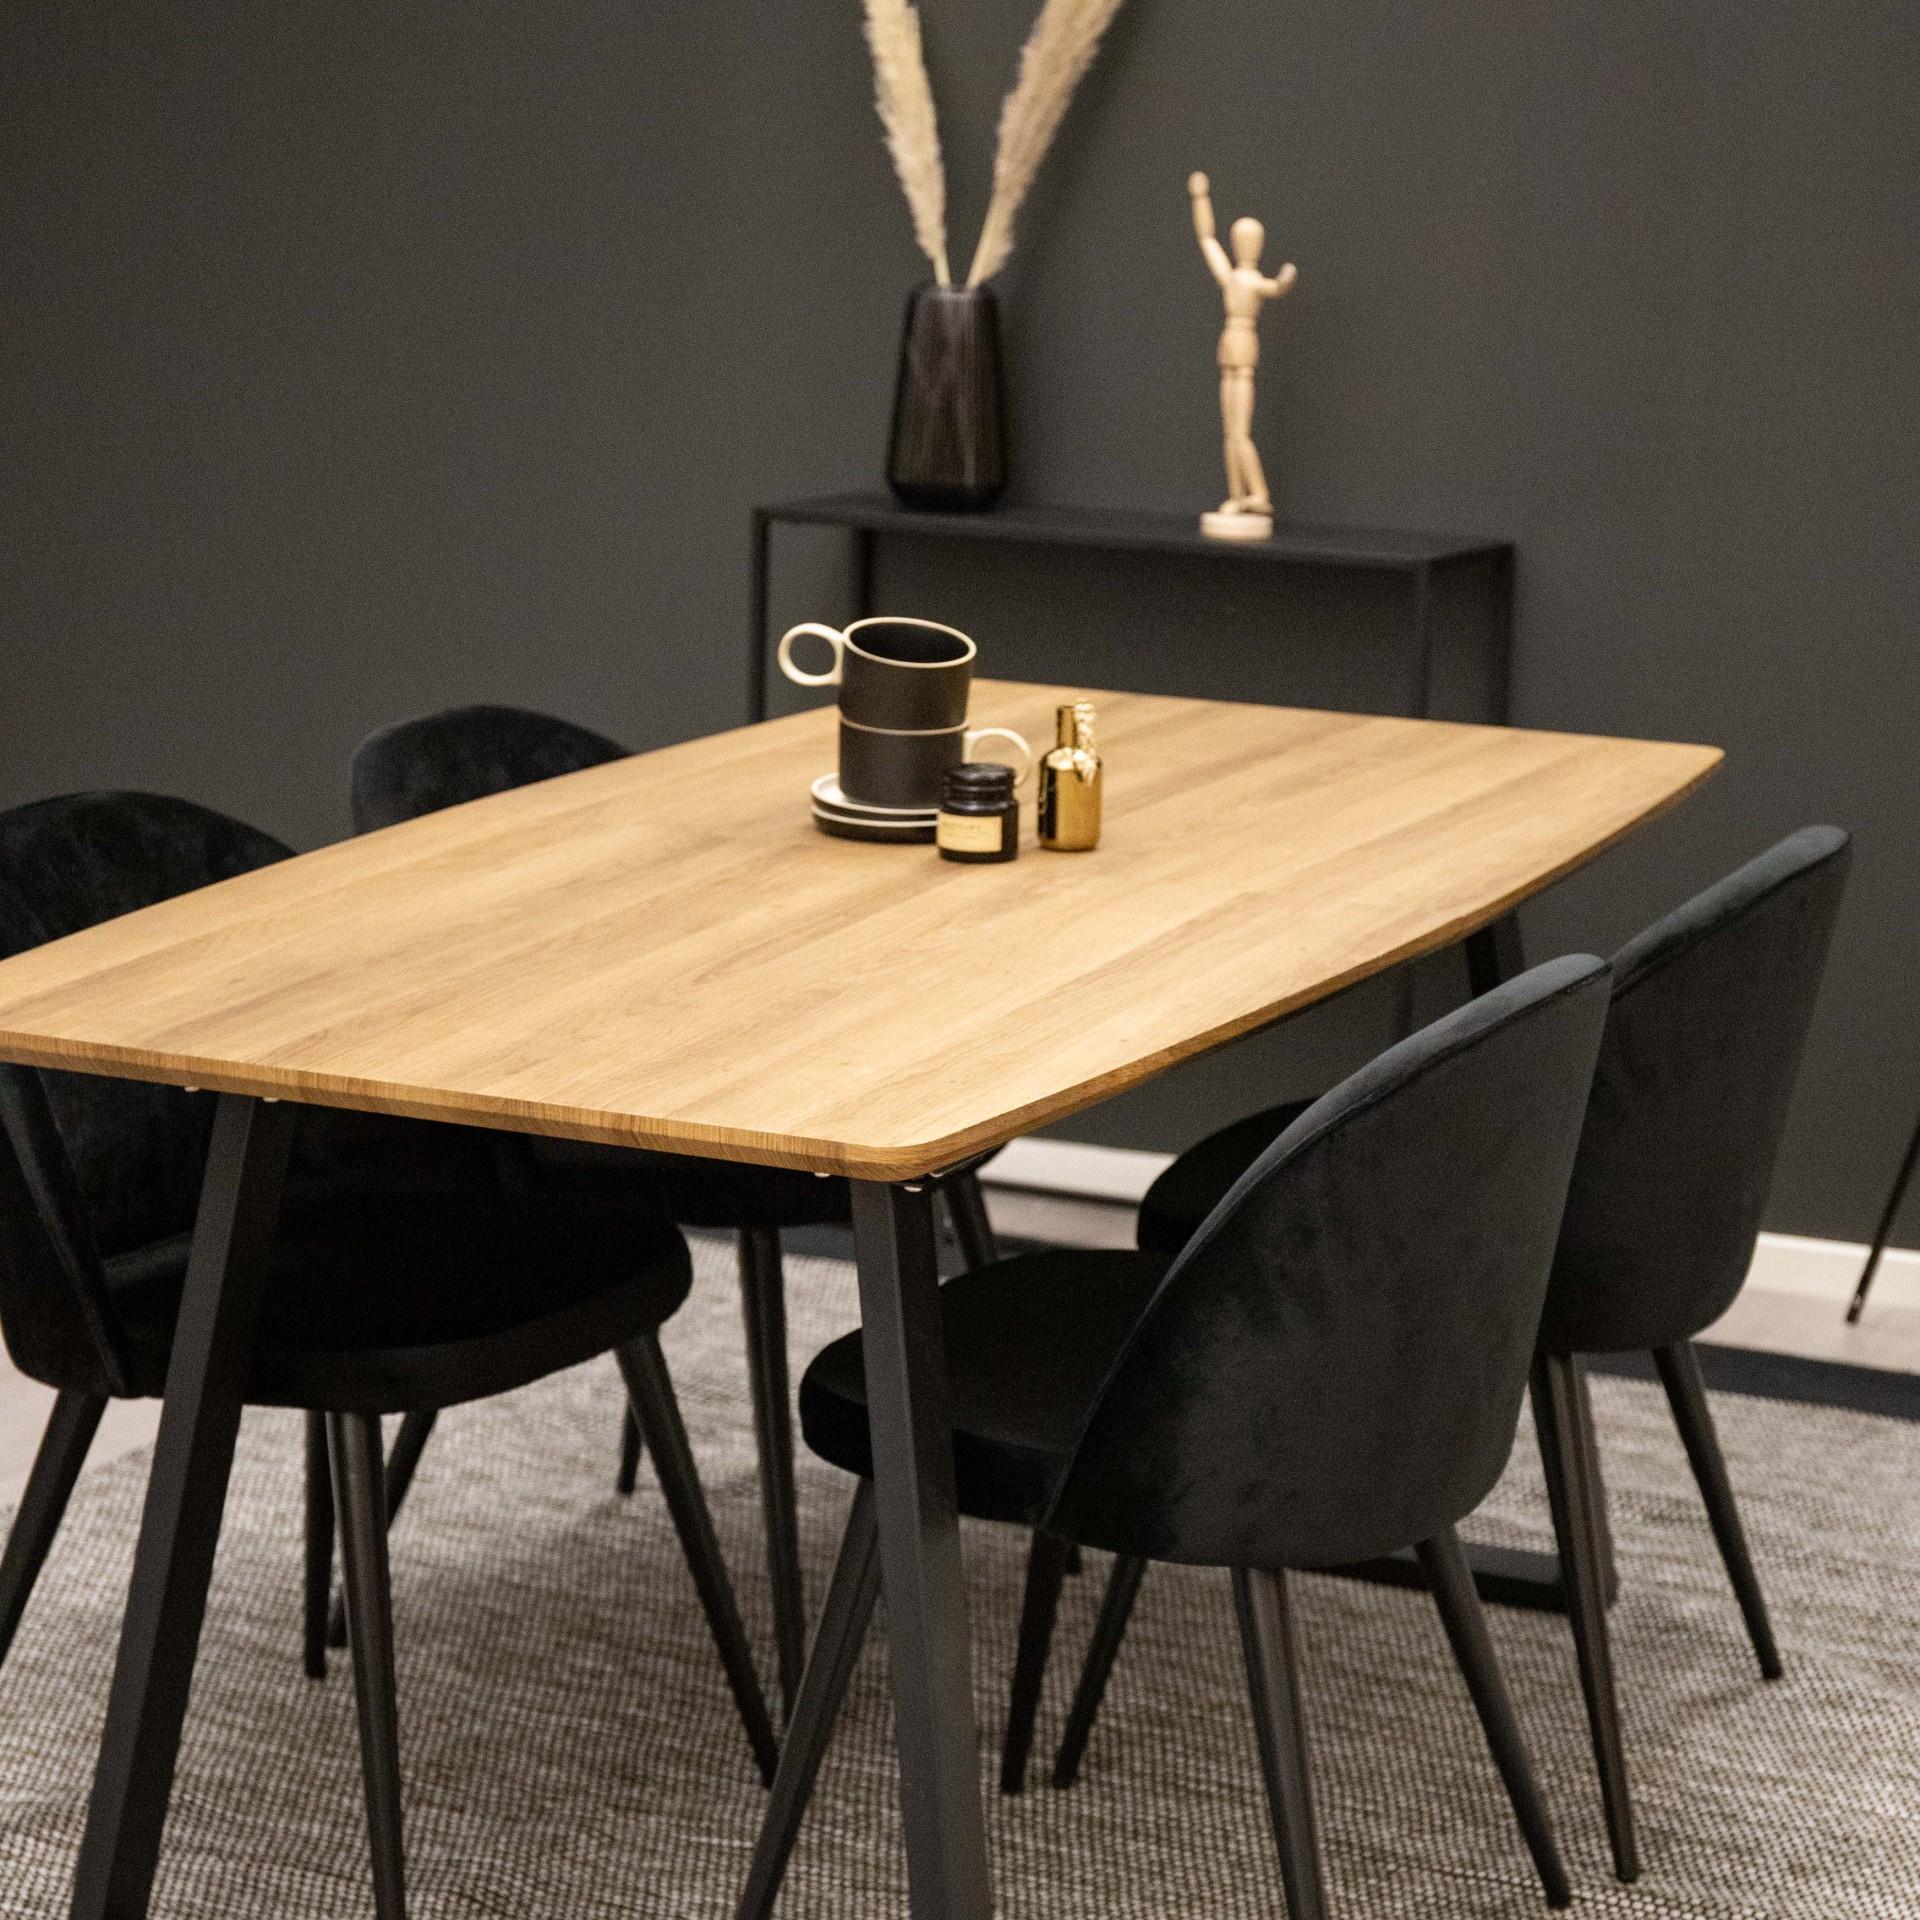 Mesa de jantar Inca, extensível, madeira carvalho, 160(200)x85